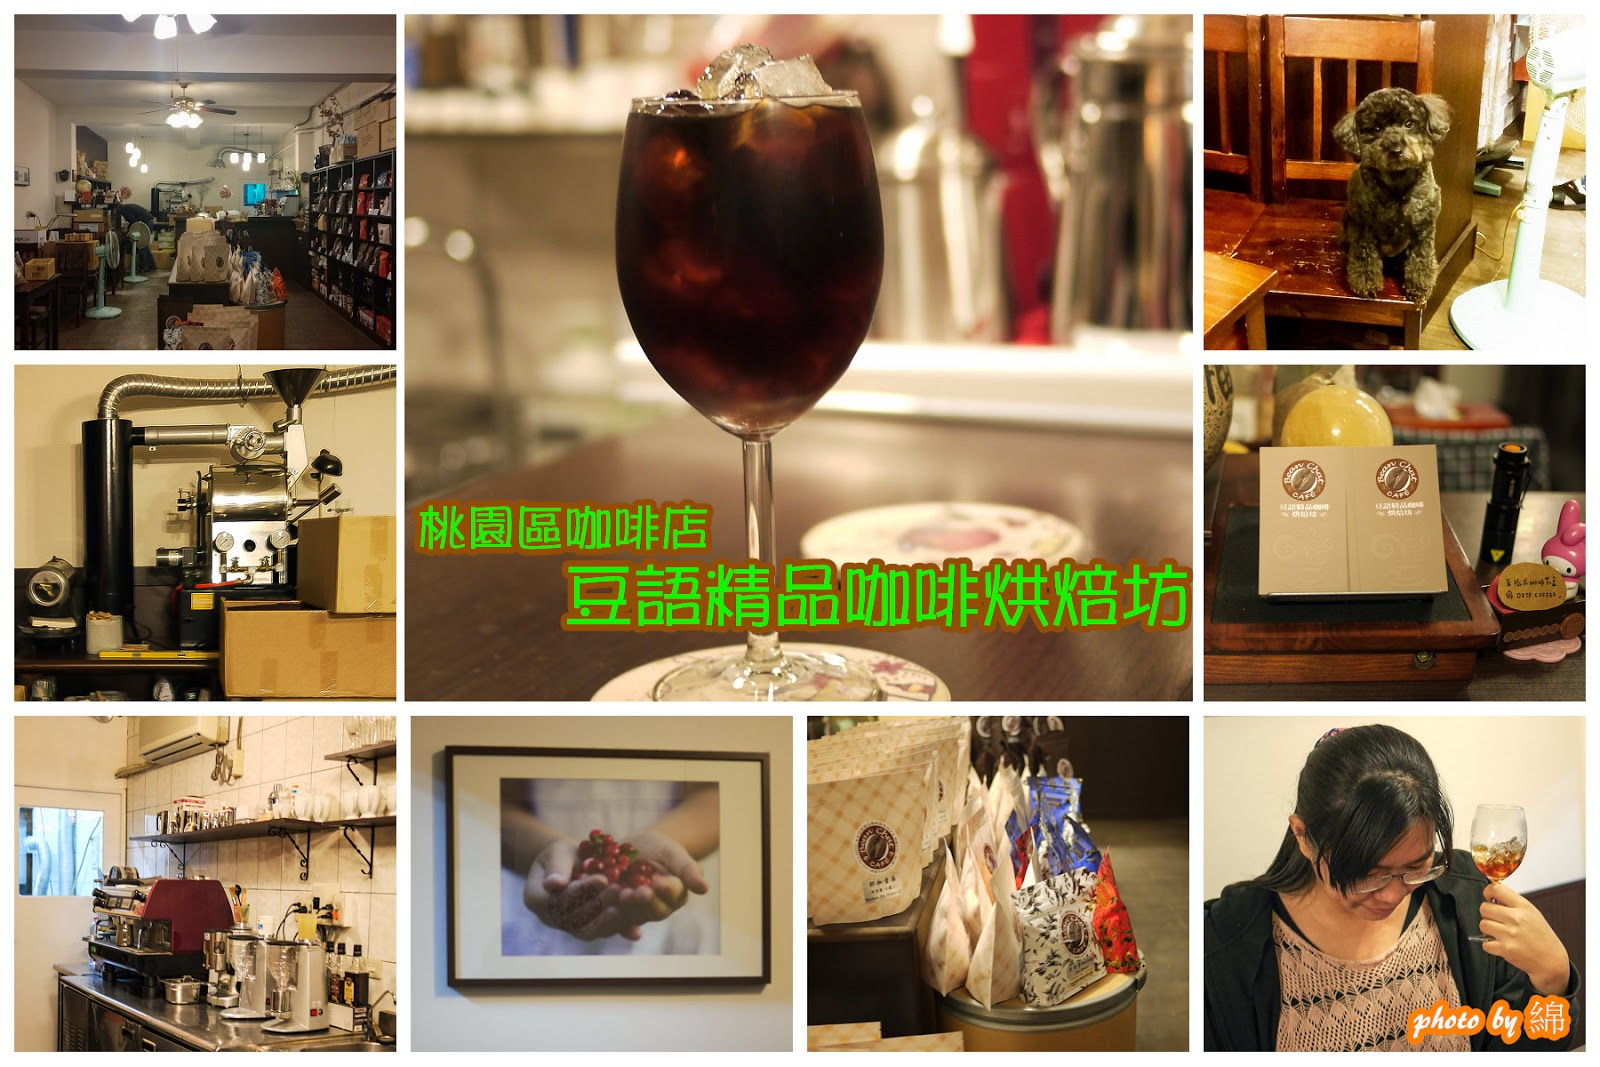 【桃園咖啡】豆語精品咖啡烘焙坊-藏在巷弄擁有深邃氣質的咖啡店